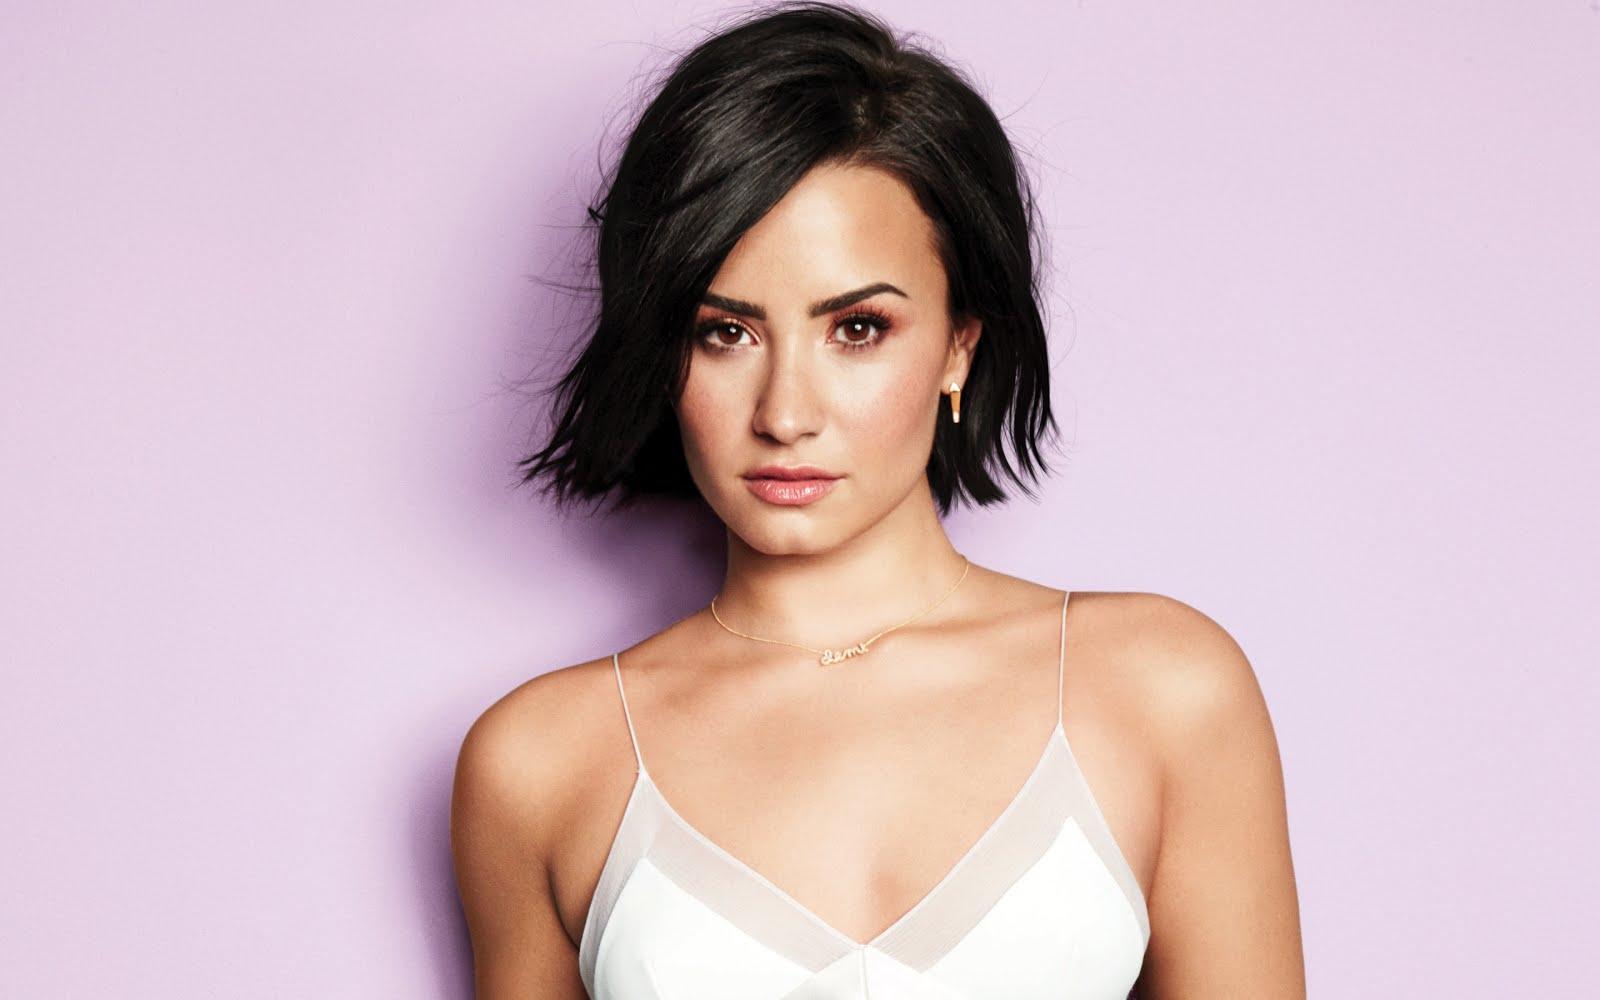 Estreno: Stone Cold (Vídeo) - Demi Lovato